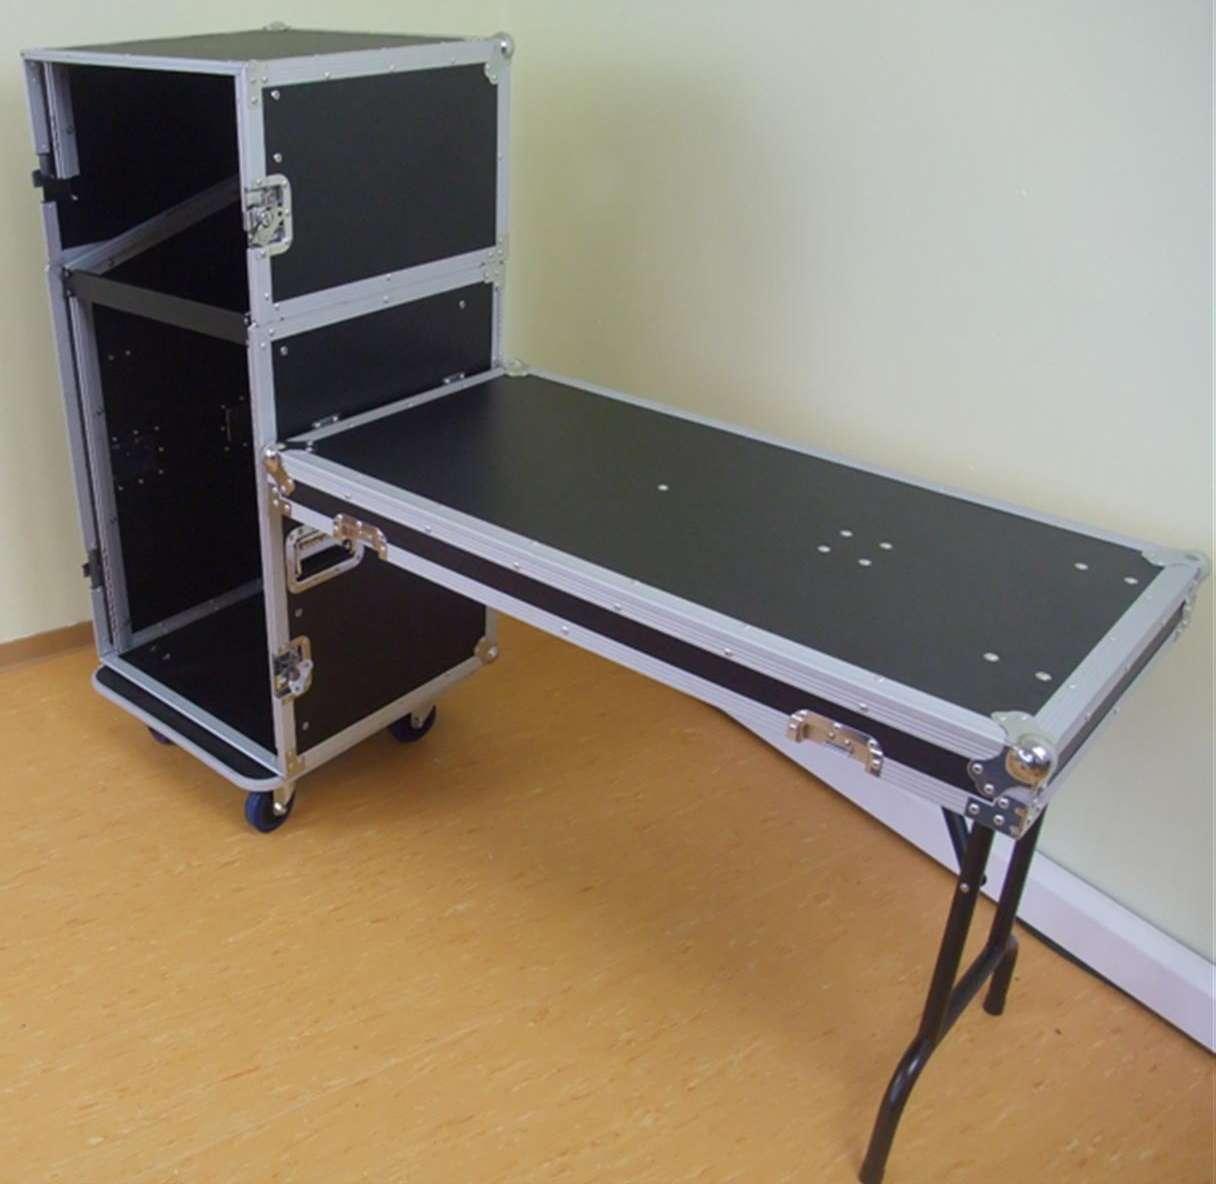 5 16 he kombicase mit tisch winkelrack all in one rack dj. Black Bedroom Furniture Sets. Home Design Ideas